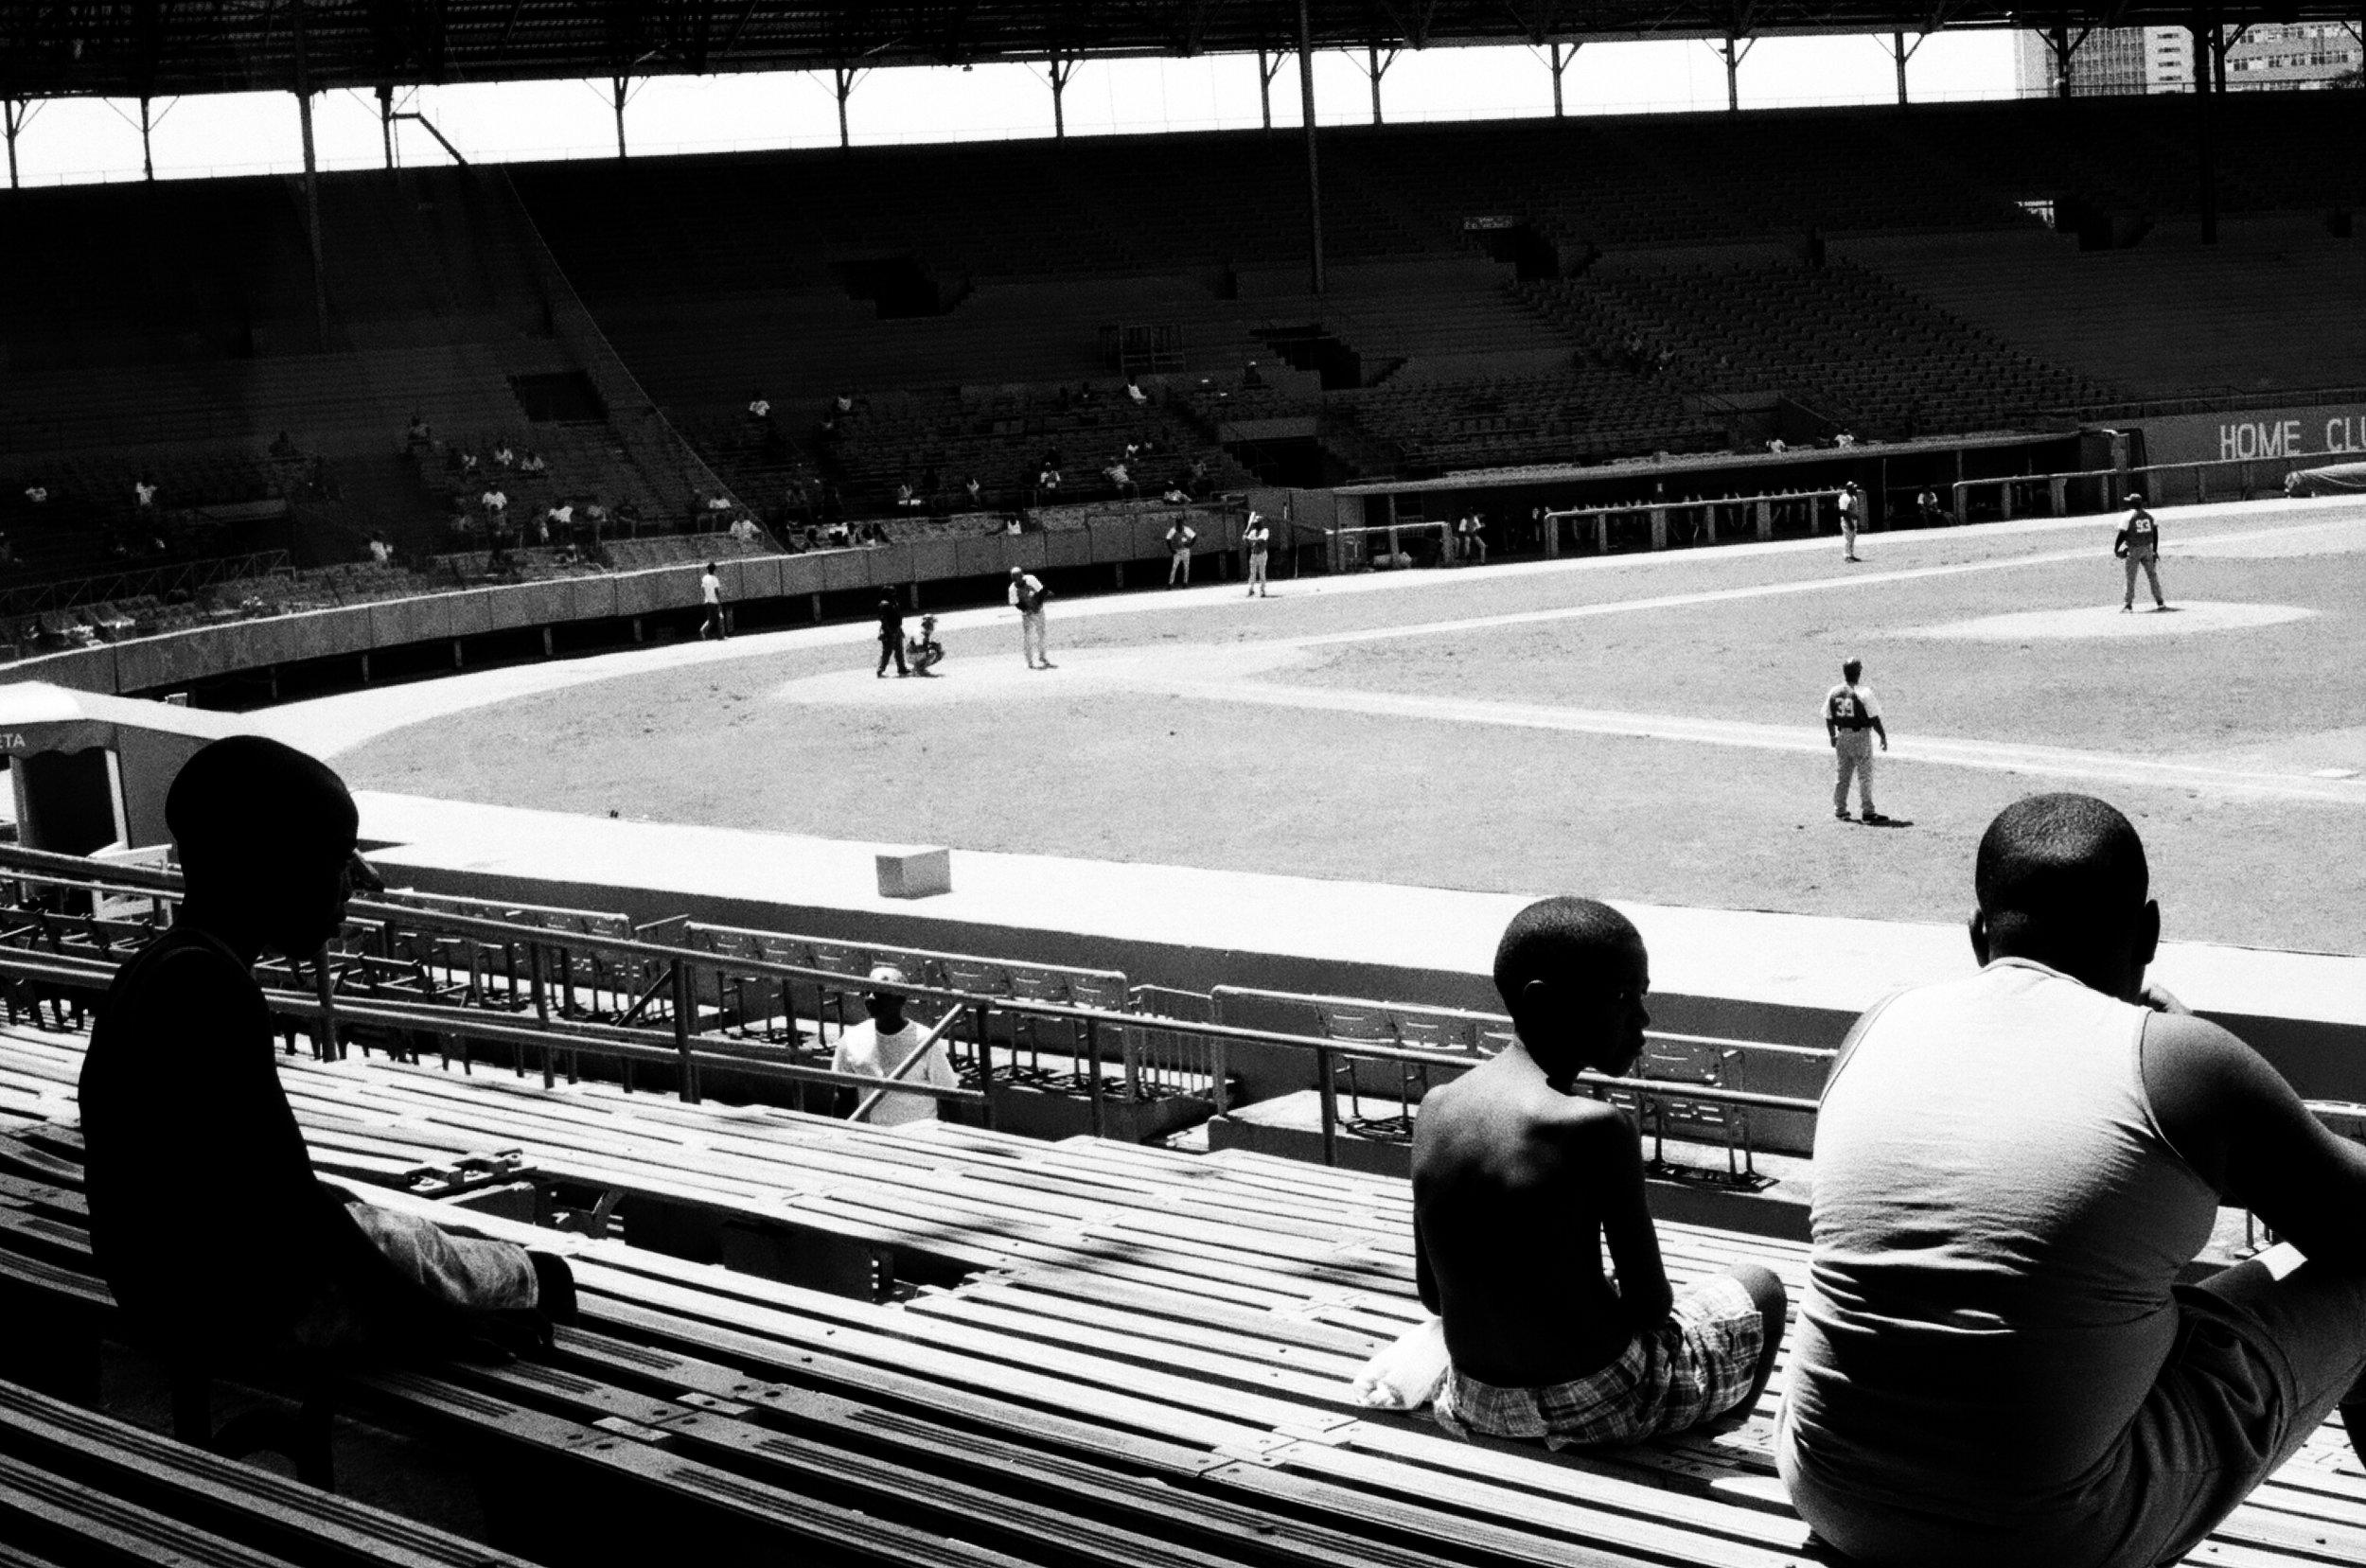 Le baseball occupe une place de choix dans le quotidien des cubains. Mais à la fin de la saison régulière, les stades, comme ici à l'Estadio Latinoamericano, sont pratiquement vides lors des rencontres amateurs.